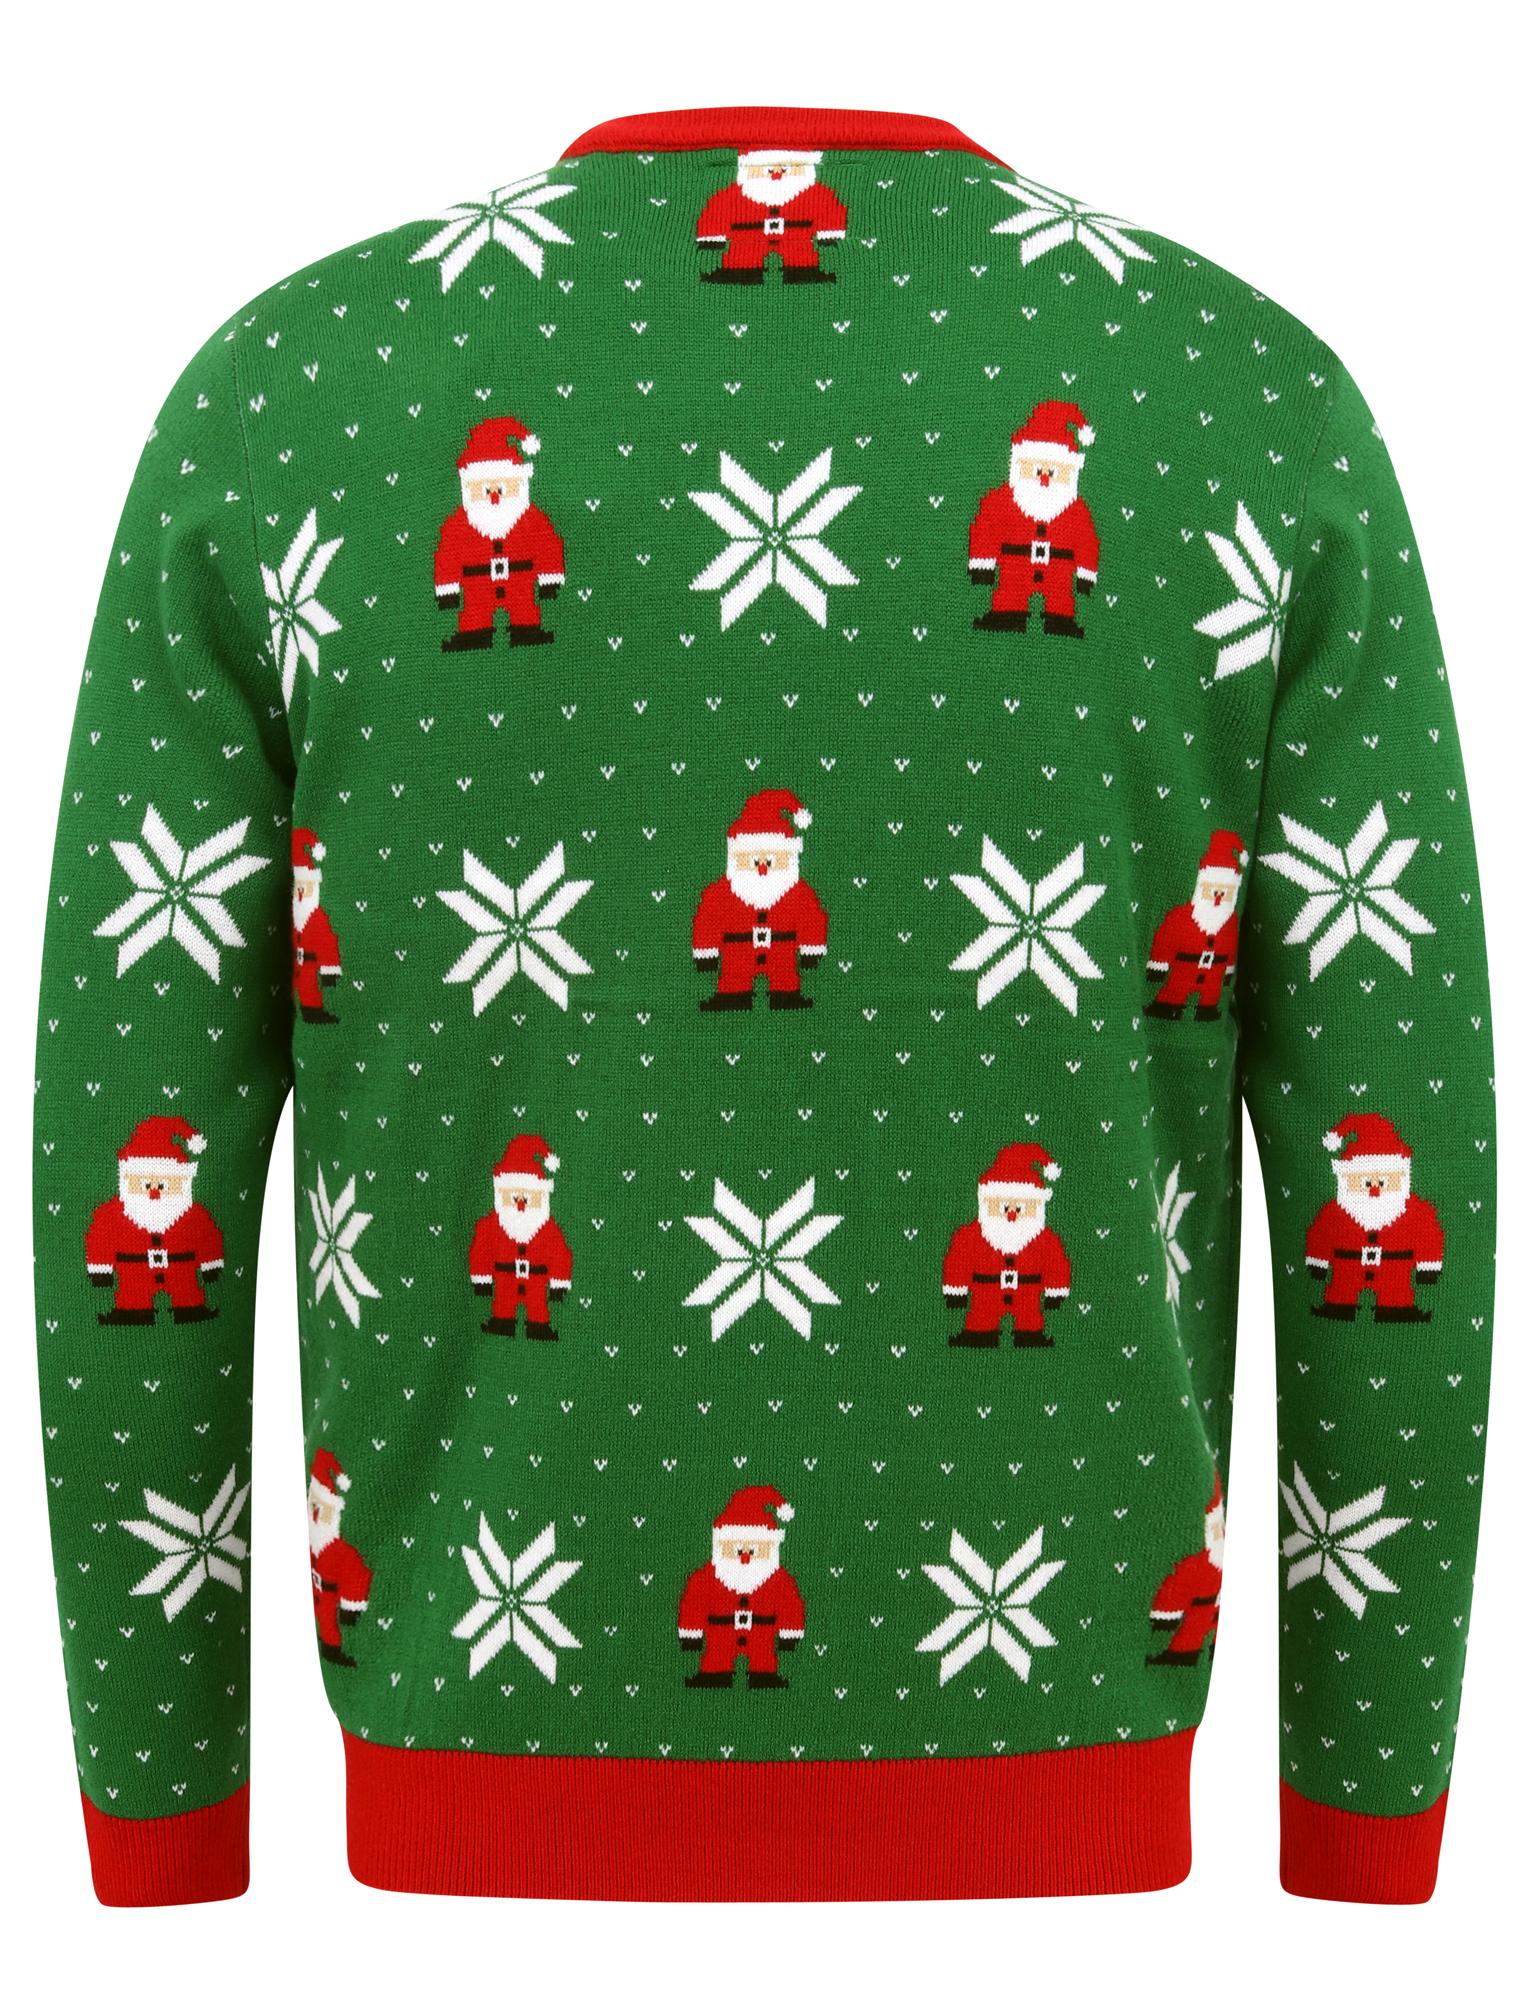 Feliz-Navidad-Para-Hombre-Novedad-Navidad-Sueter-Santa-Elfo-Reno-divertido-Cerveza miniatura 74